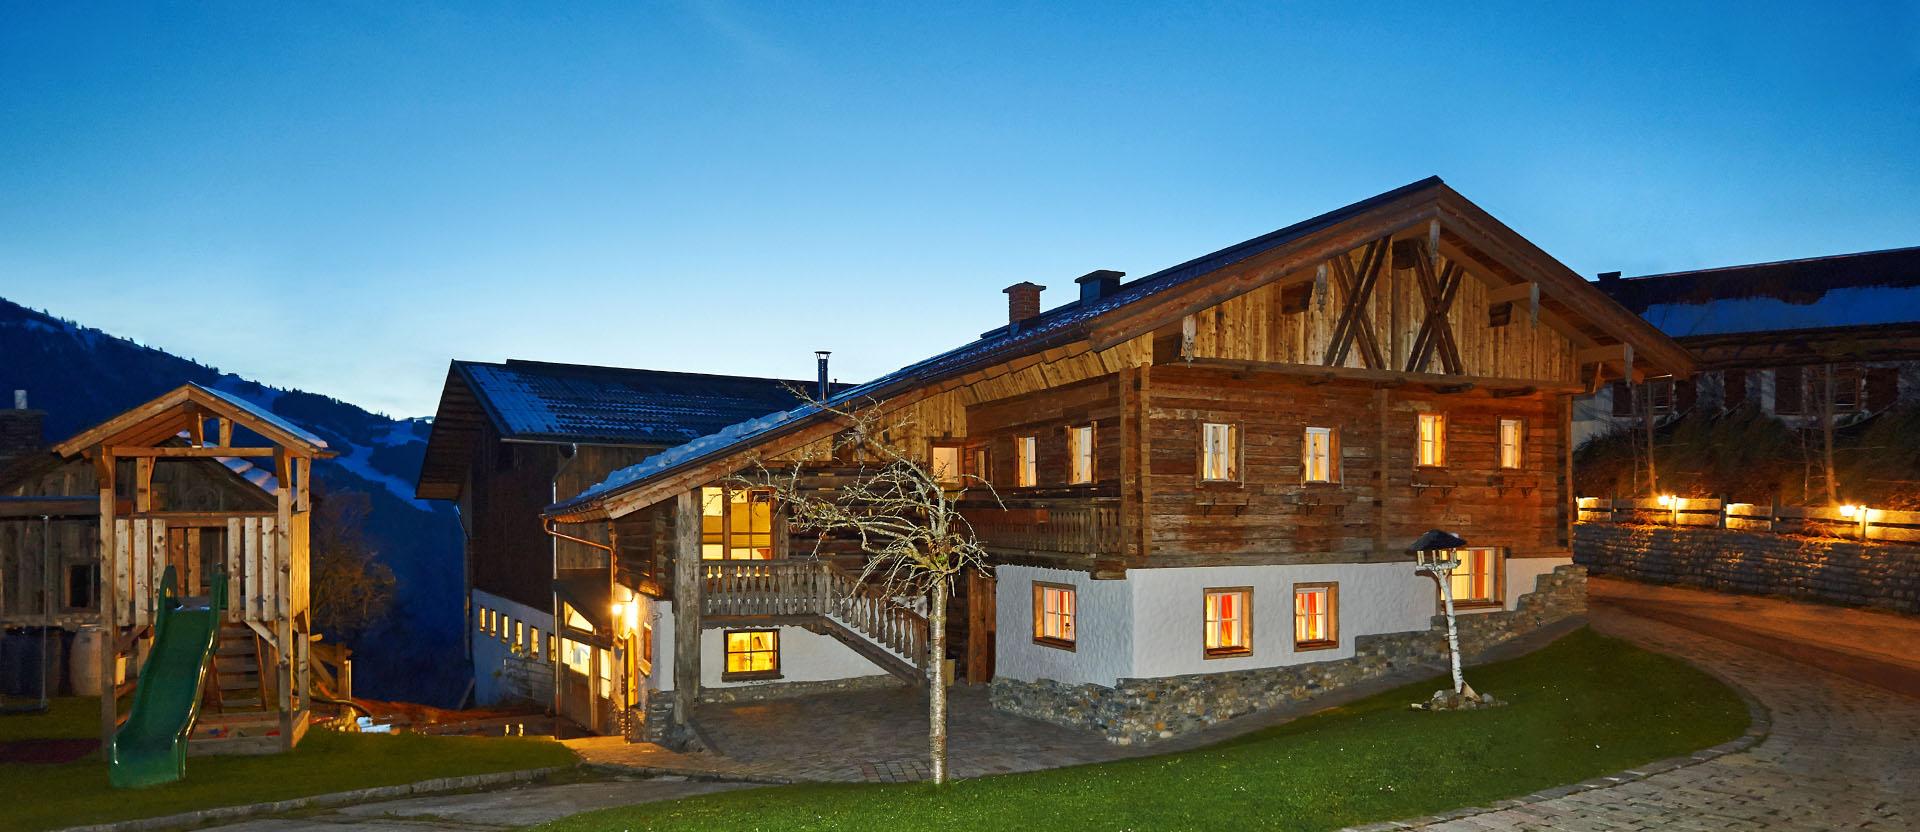 Blankgut Wagrain - Urlaub auf dem Bauernhof im Salzburger Land